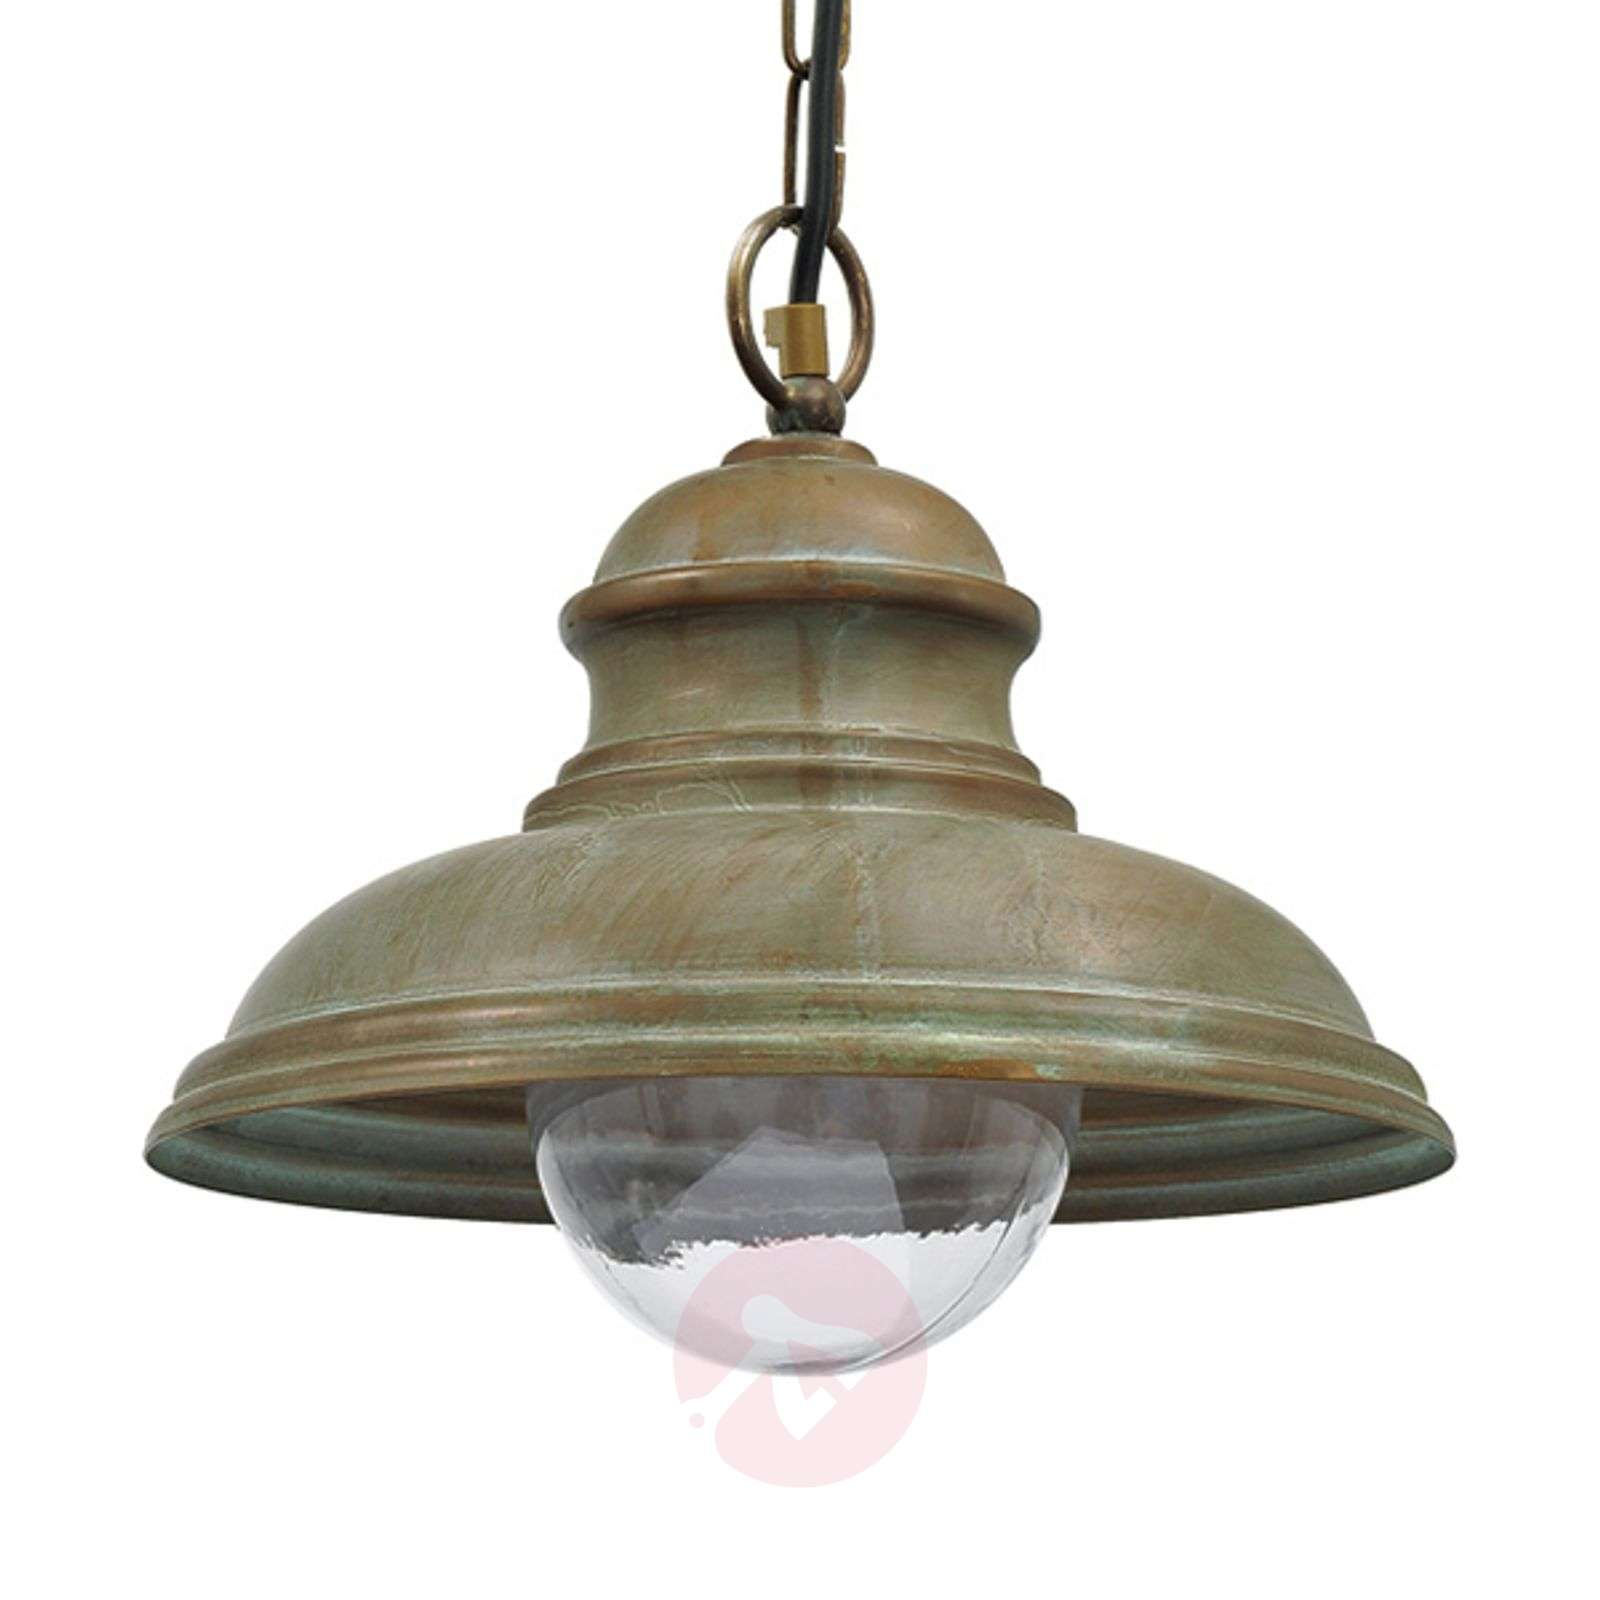 Pendant lamp Riccardo, seawater resistant, Ø 89 cm-6515356-01